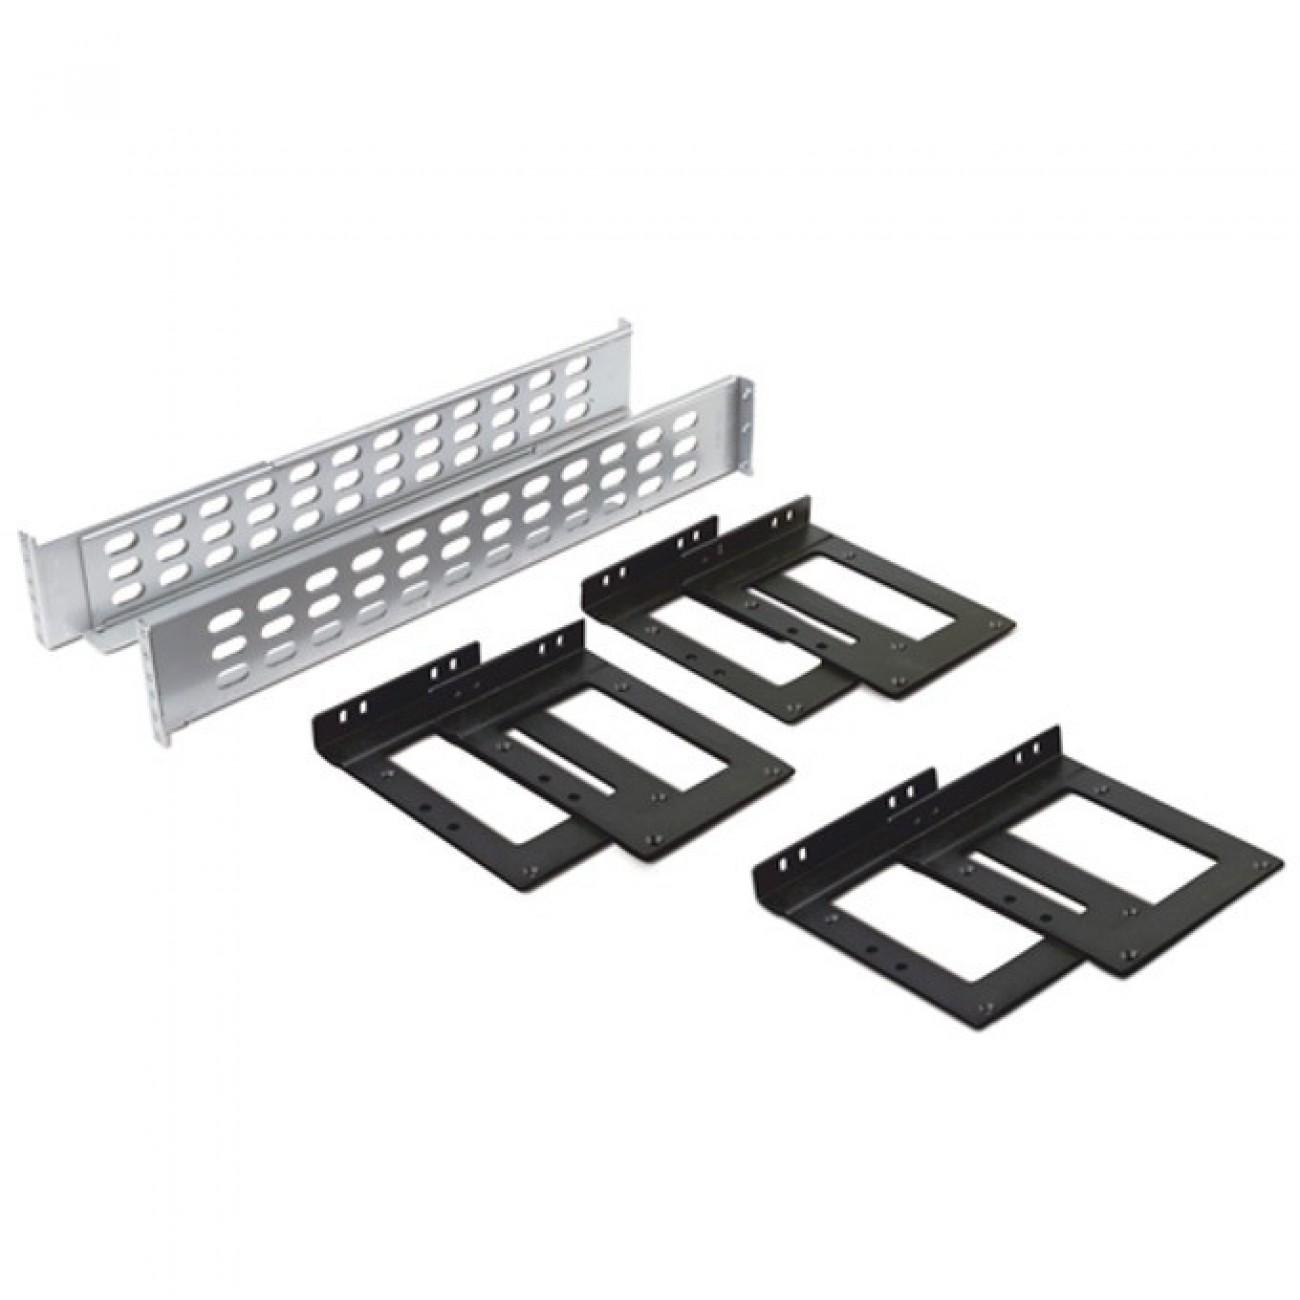 Релси за вграждане APC Rail Kit for Smart-UPS 19 SRT 5/6/8/10kVA в UPS и Електричество - аксесоари -    Alleop